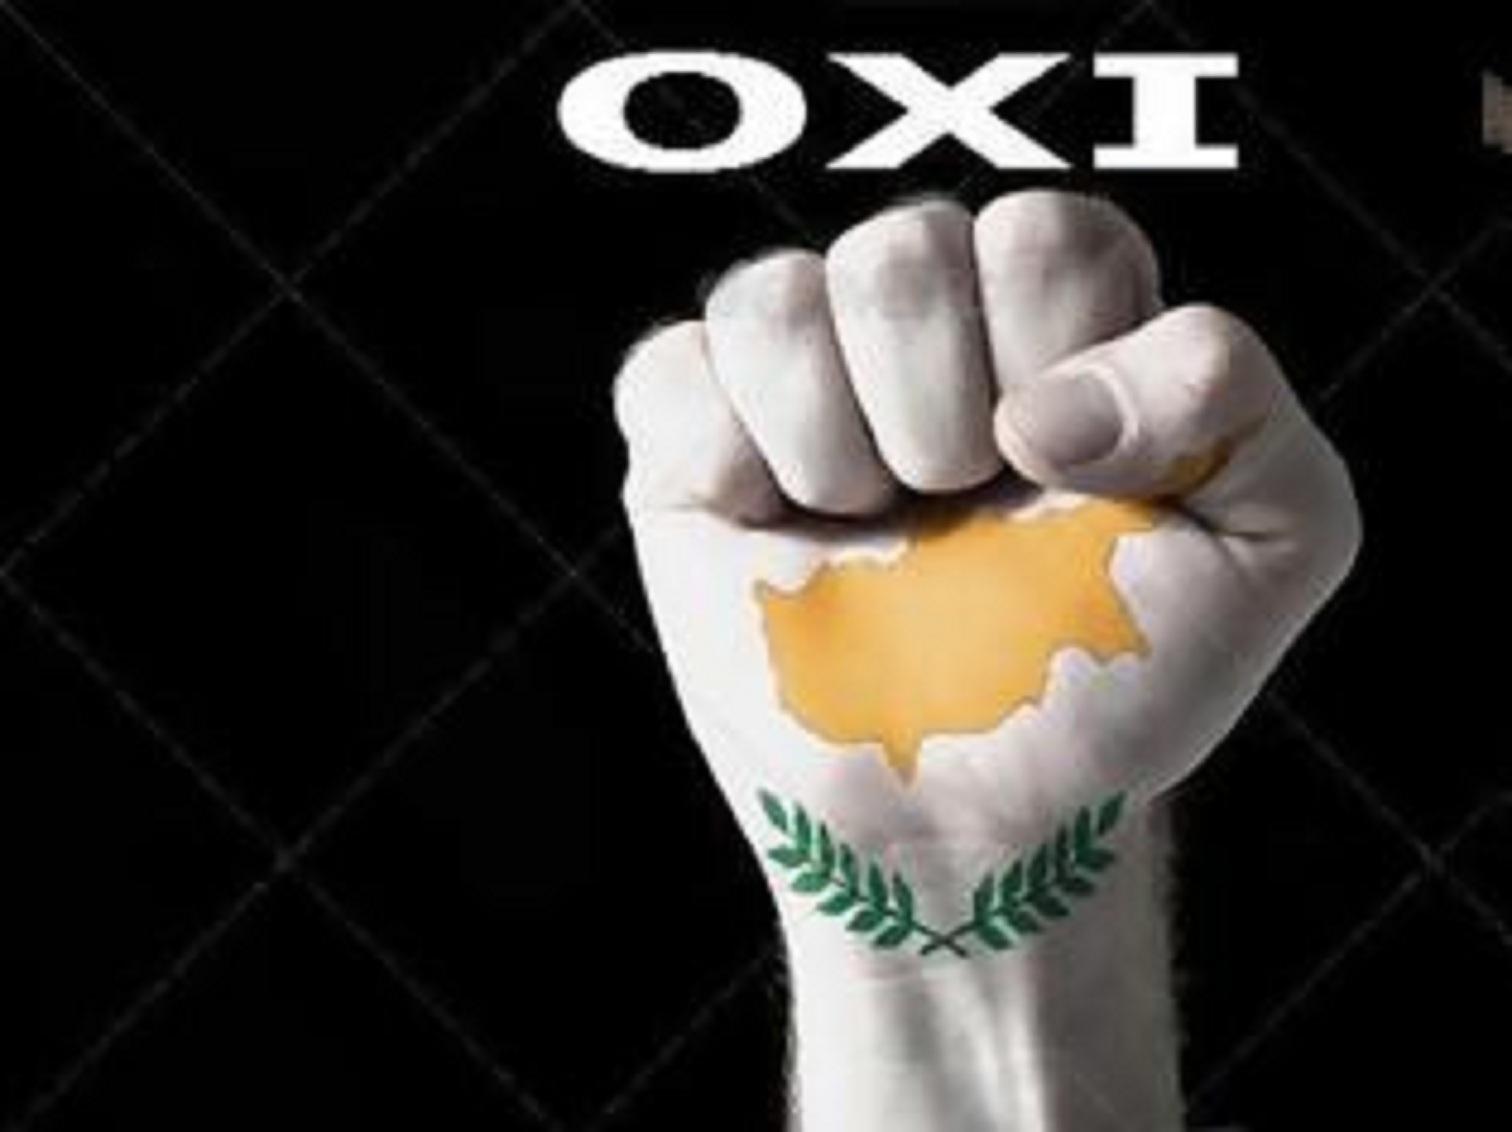 Ἡ ἀνύπαρκτος σχέσις τοῦ τΣΥΡΙΖΑ μὲ τὸ ΟΧΙ τῆς Κύπρου.1